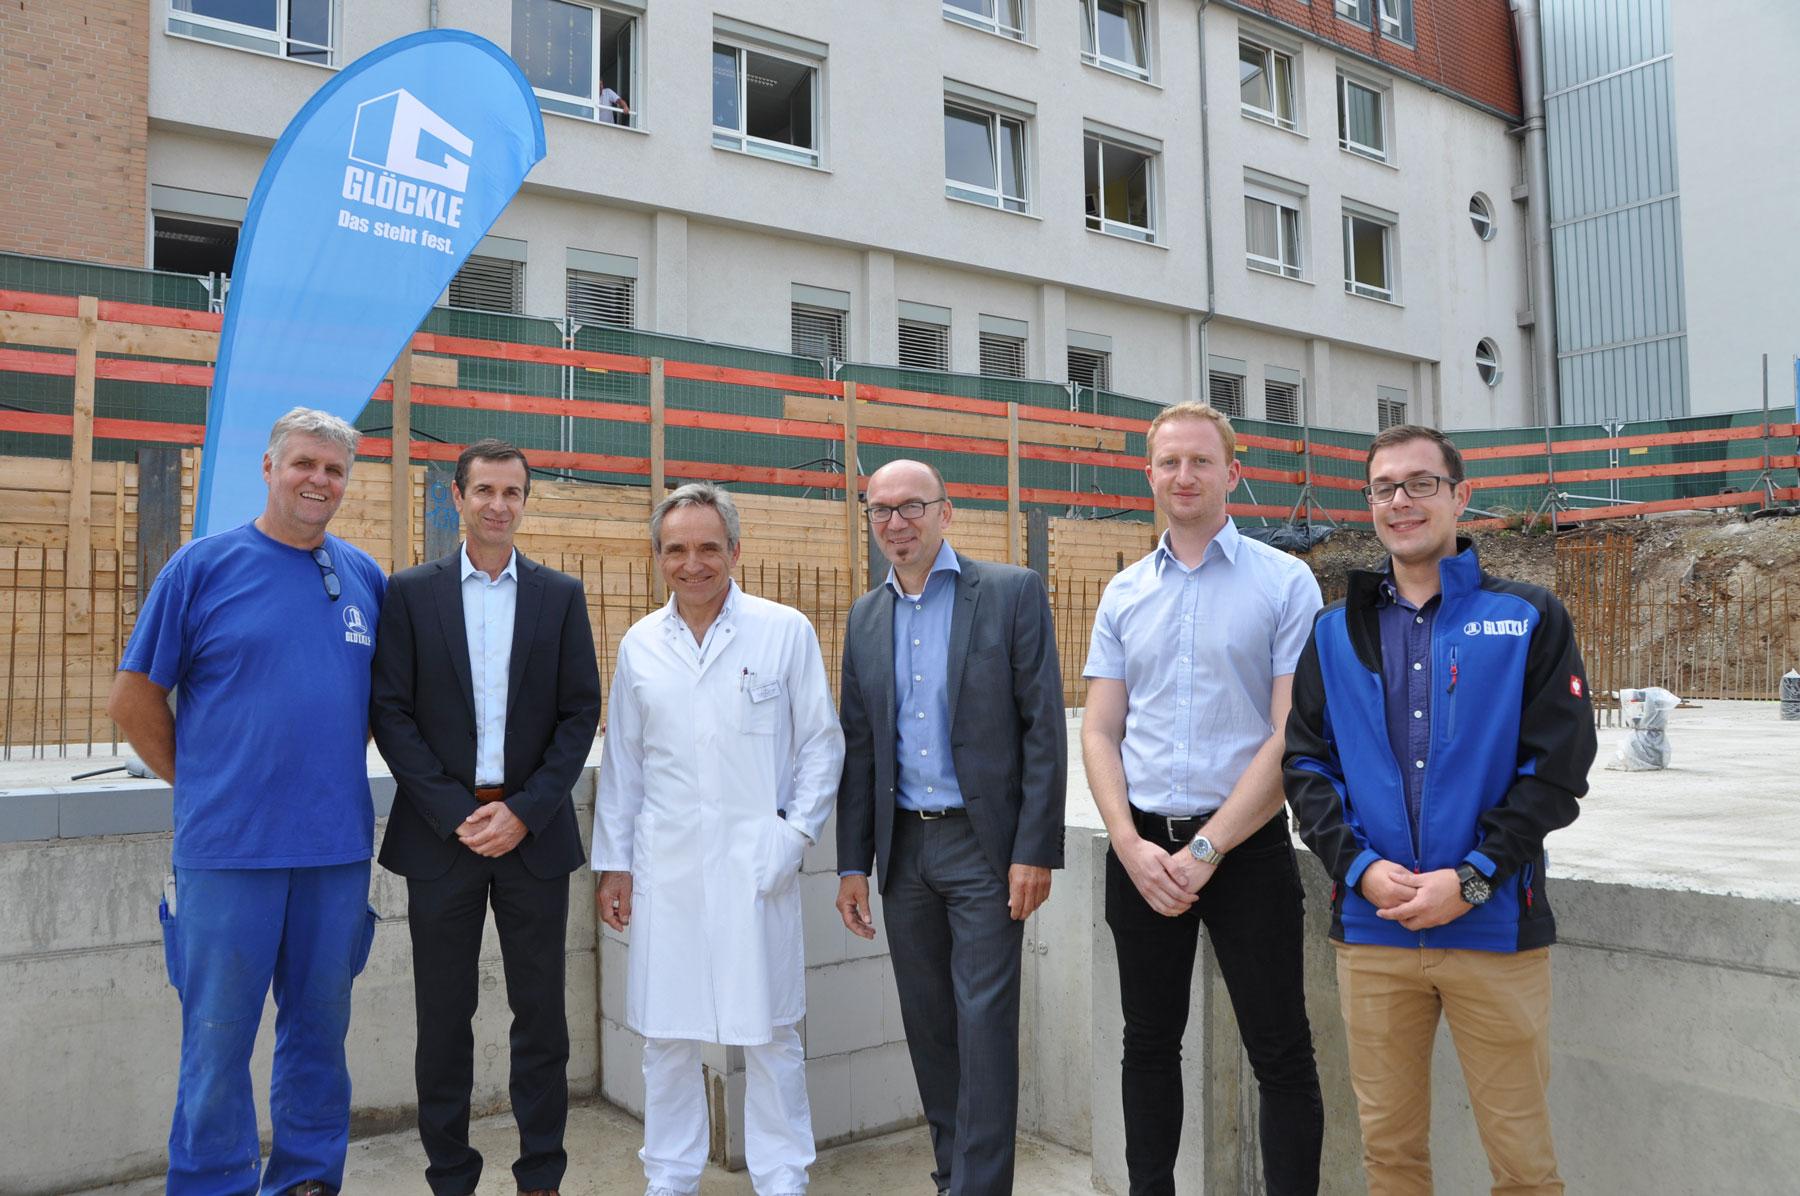 Gruppenfoto der am Bau Beteiligten: Oberarzt, Technischer Leiter und Mitarbeiter vom Glöckle Hochbau